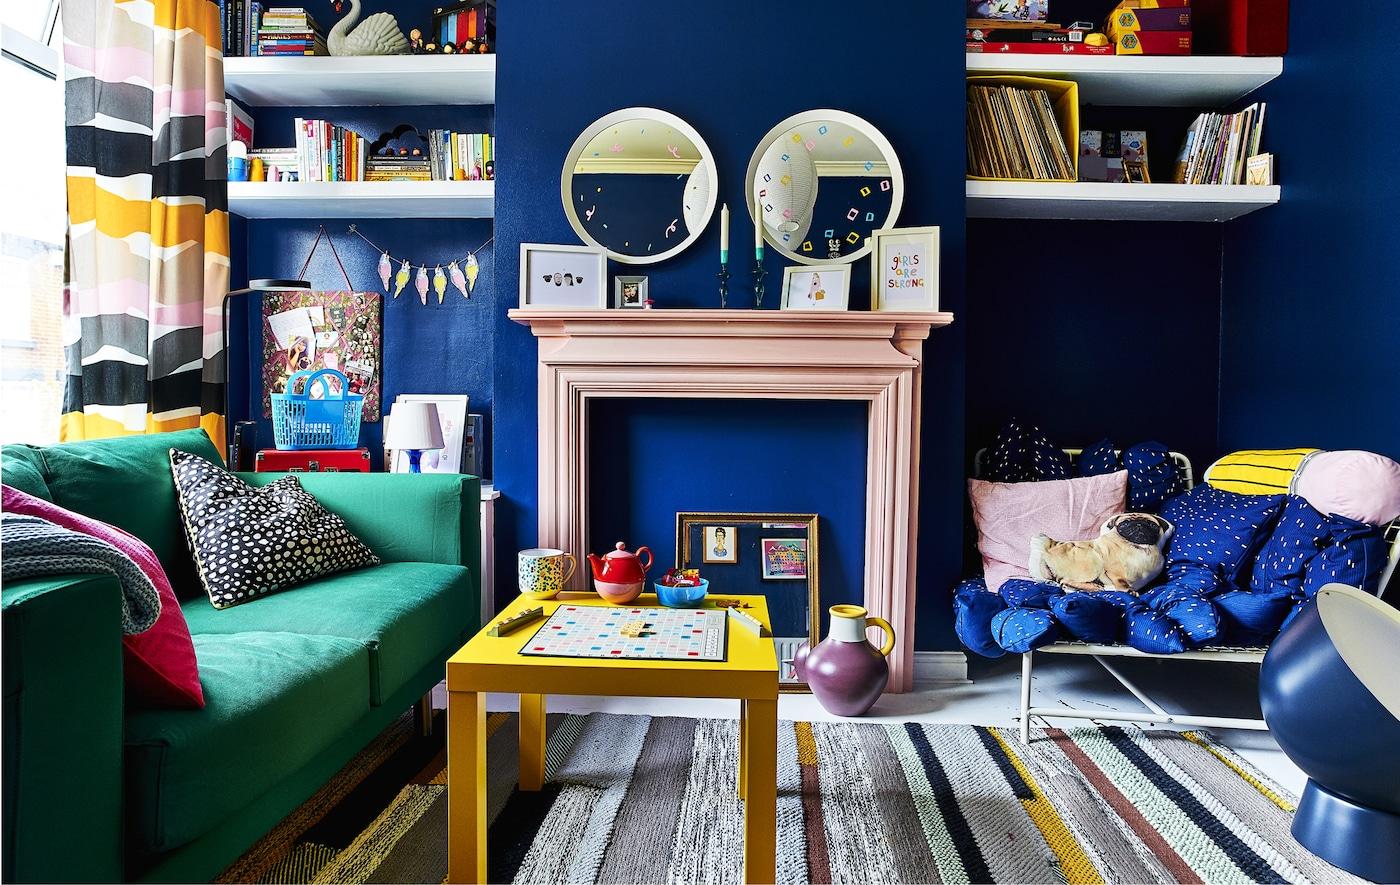 Erabili egongela koloretsua sofa berde eta kafe mahai horia tximinia arrosa baten aurrean, horma urdin ilunekin.